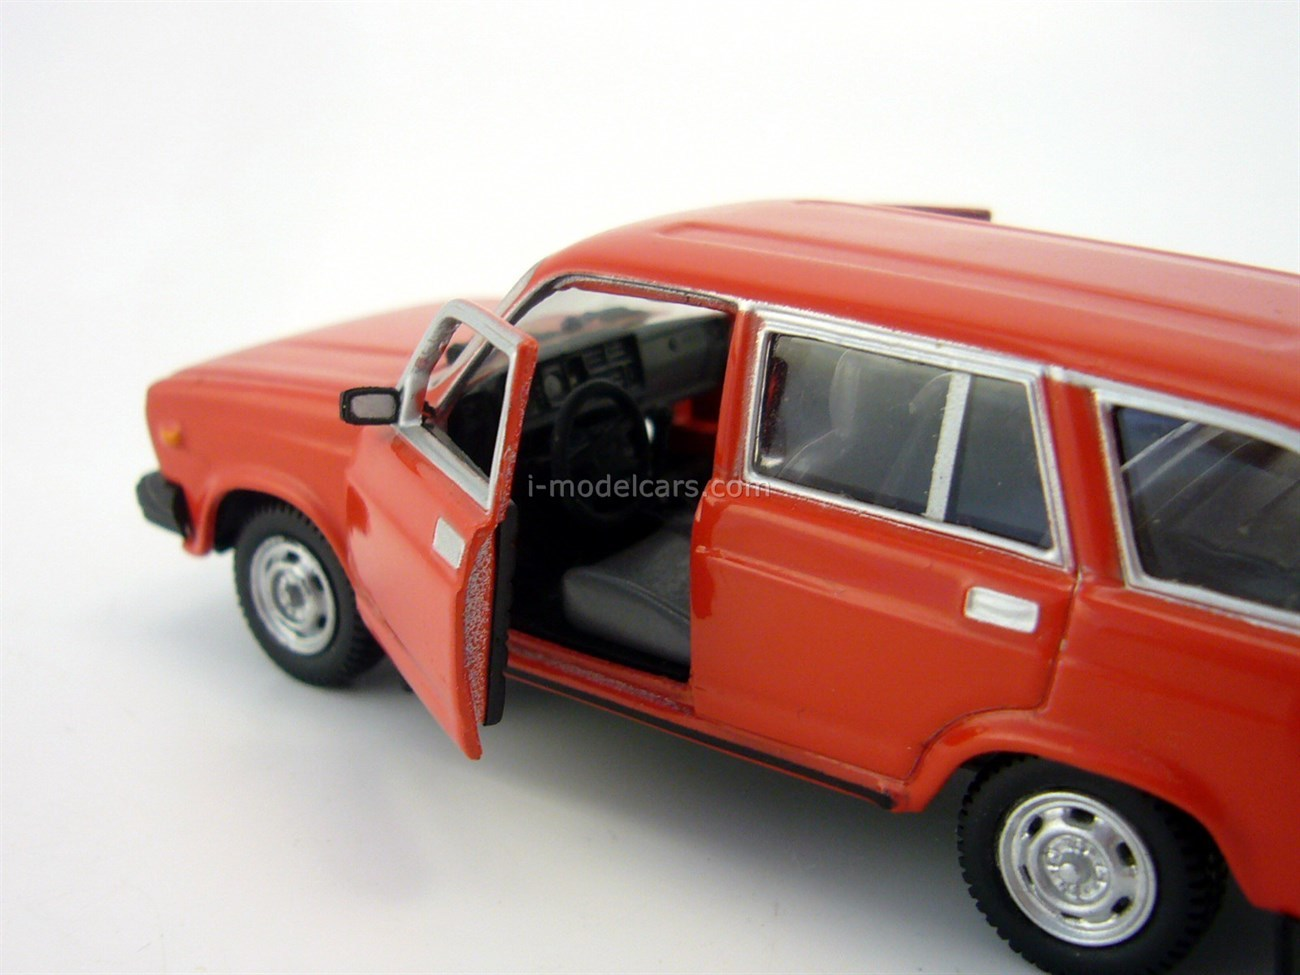 VAZ-2104 Lada red Autobahn 1:43